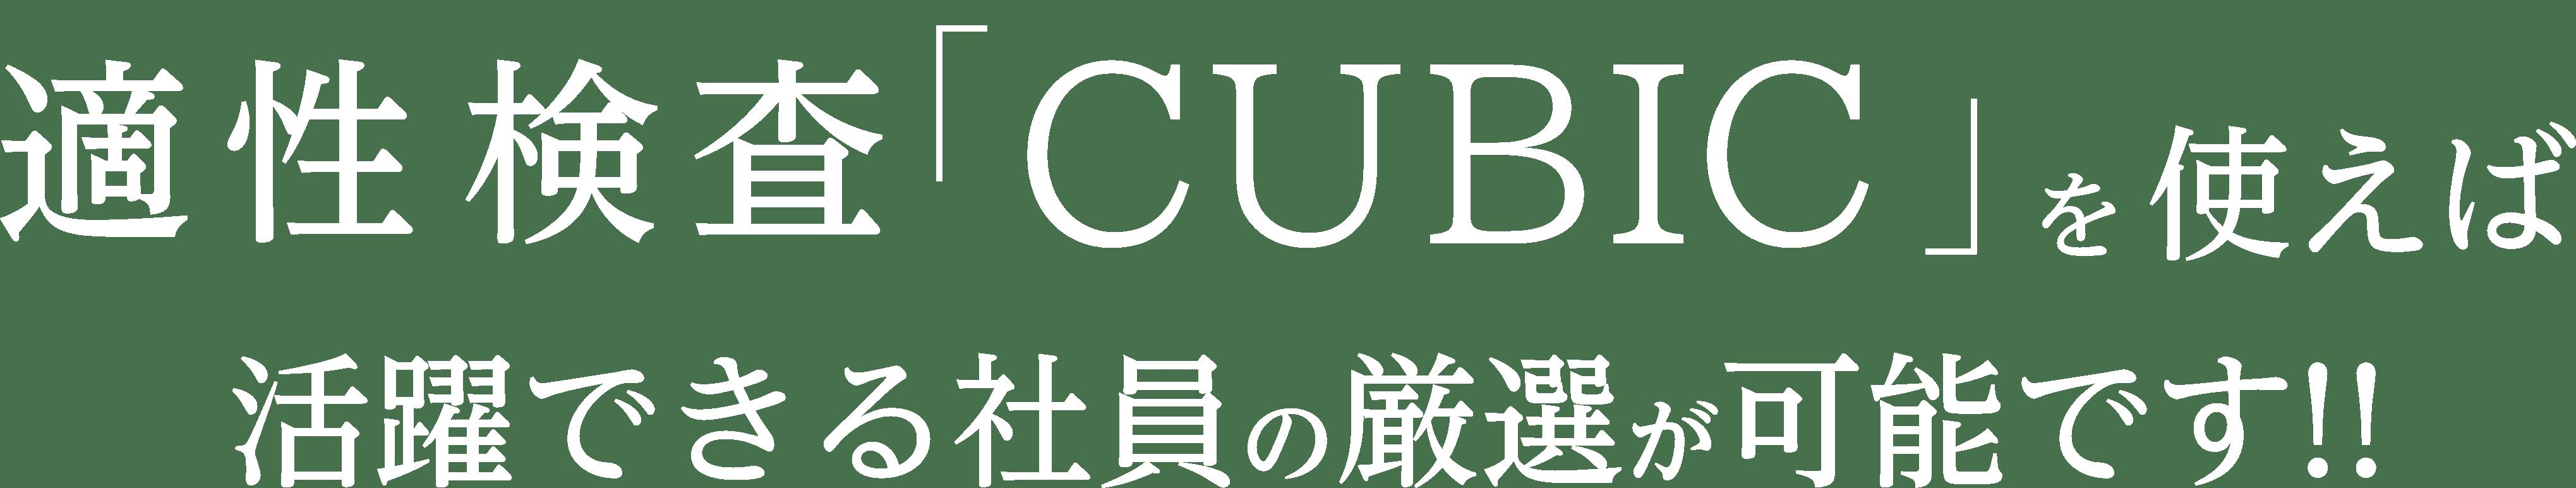 適性検査「CUBIC」を使えば活躍できる社員の厳選が可能です!!